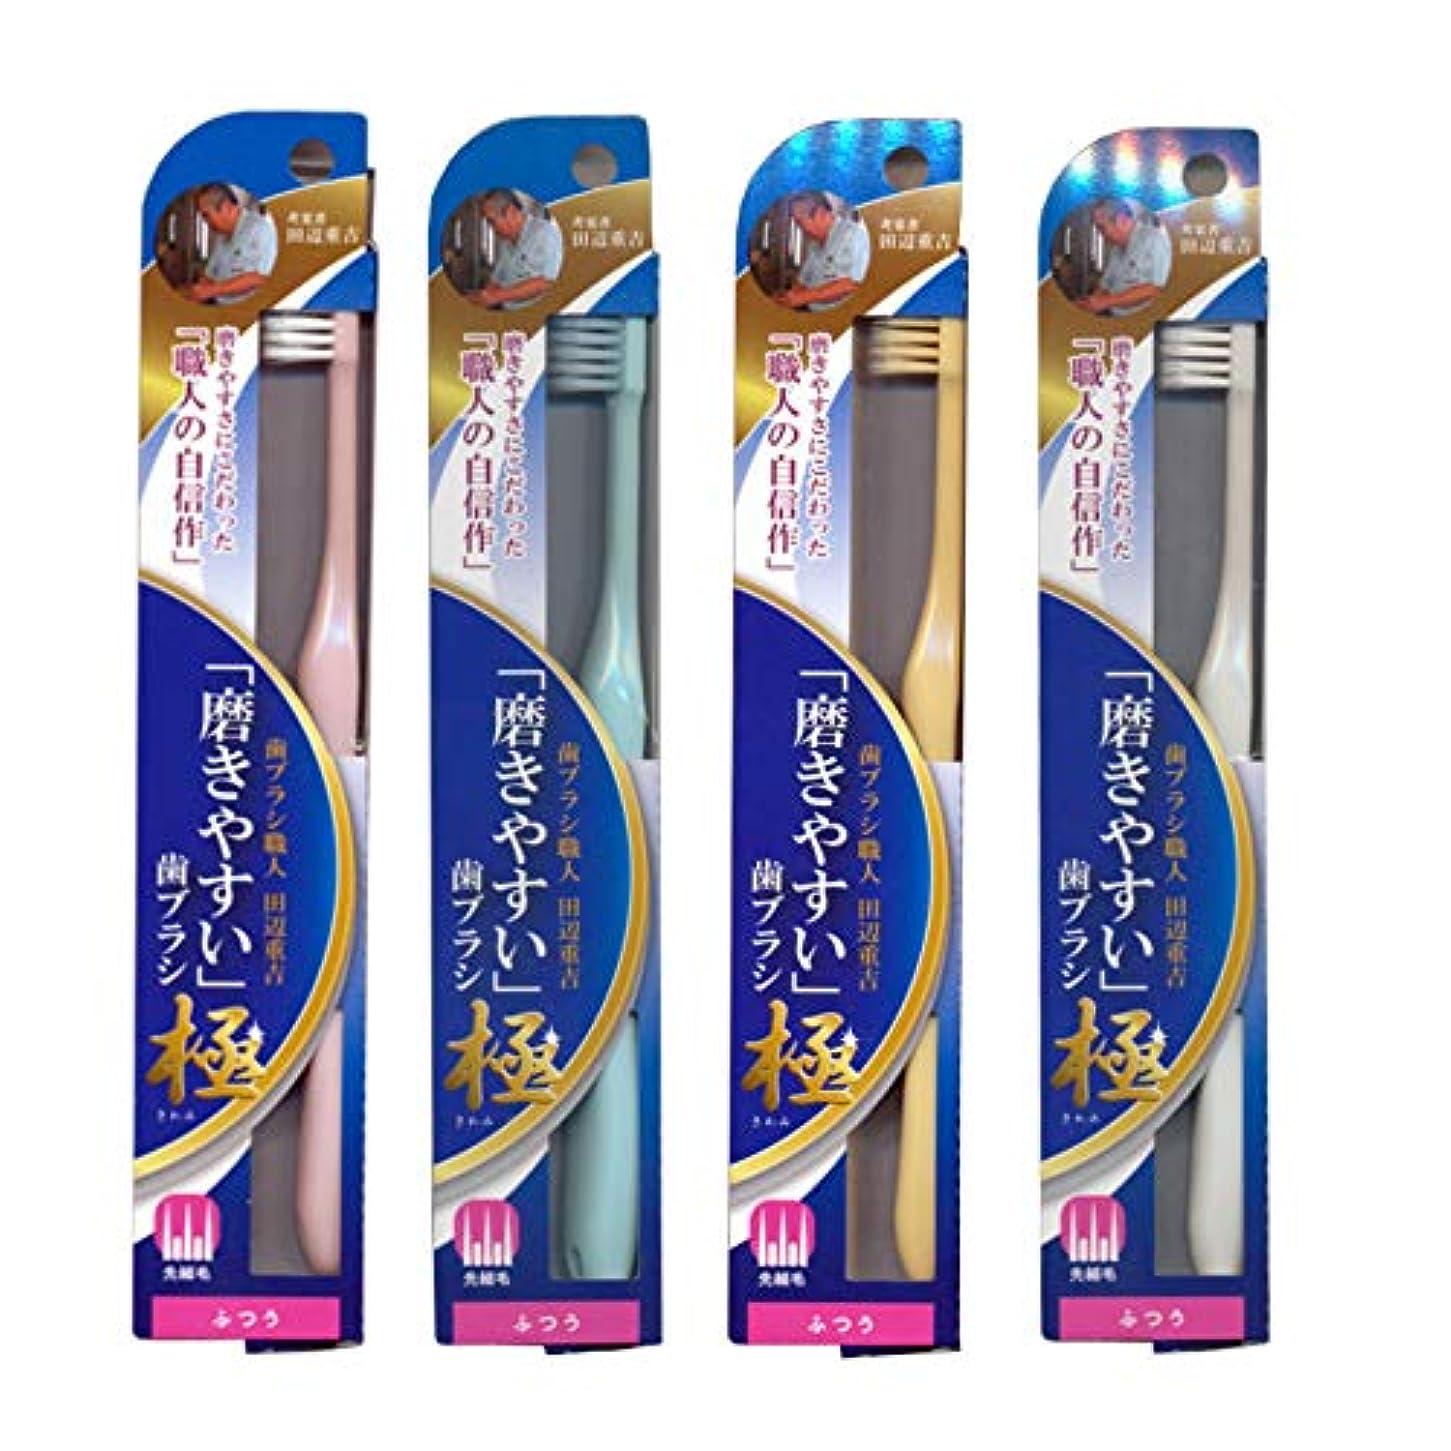 写真撮影メンテナンス定期的に磨きやすい歯ブラシ極 (ふつう) LT-44×4本セット(ピンク×1、ブルー×1、ホワイト×1、イエロー×1)先細毛